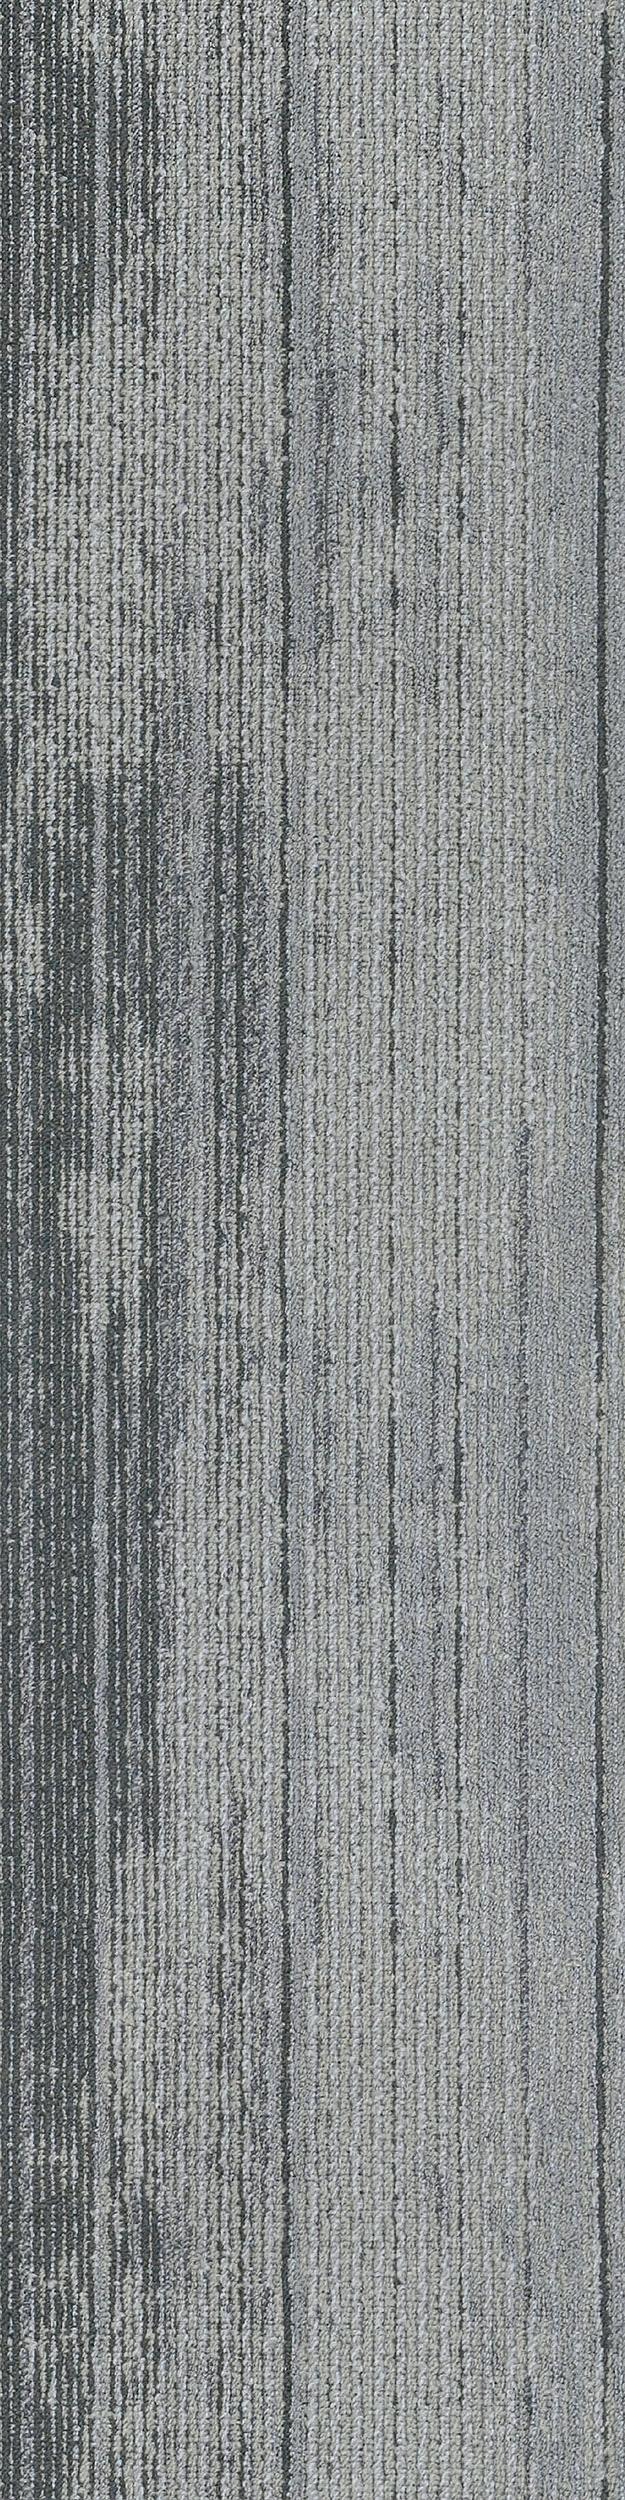 Forest Floor_884_007_100x25_RGB.jpg